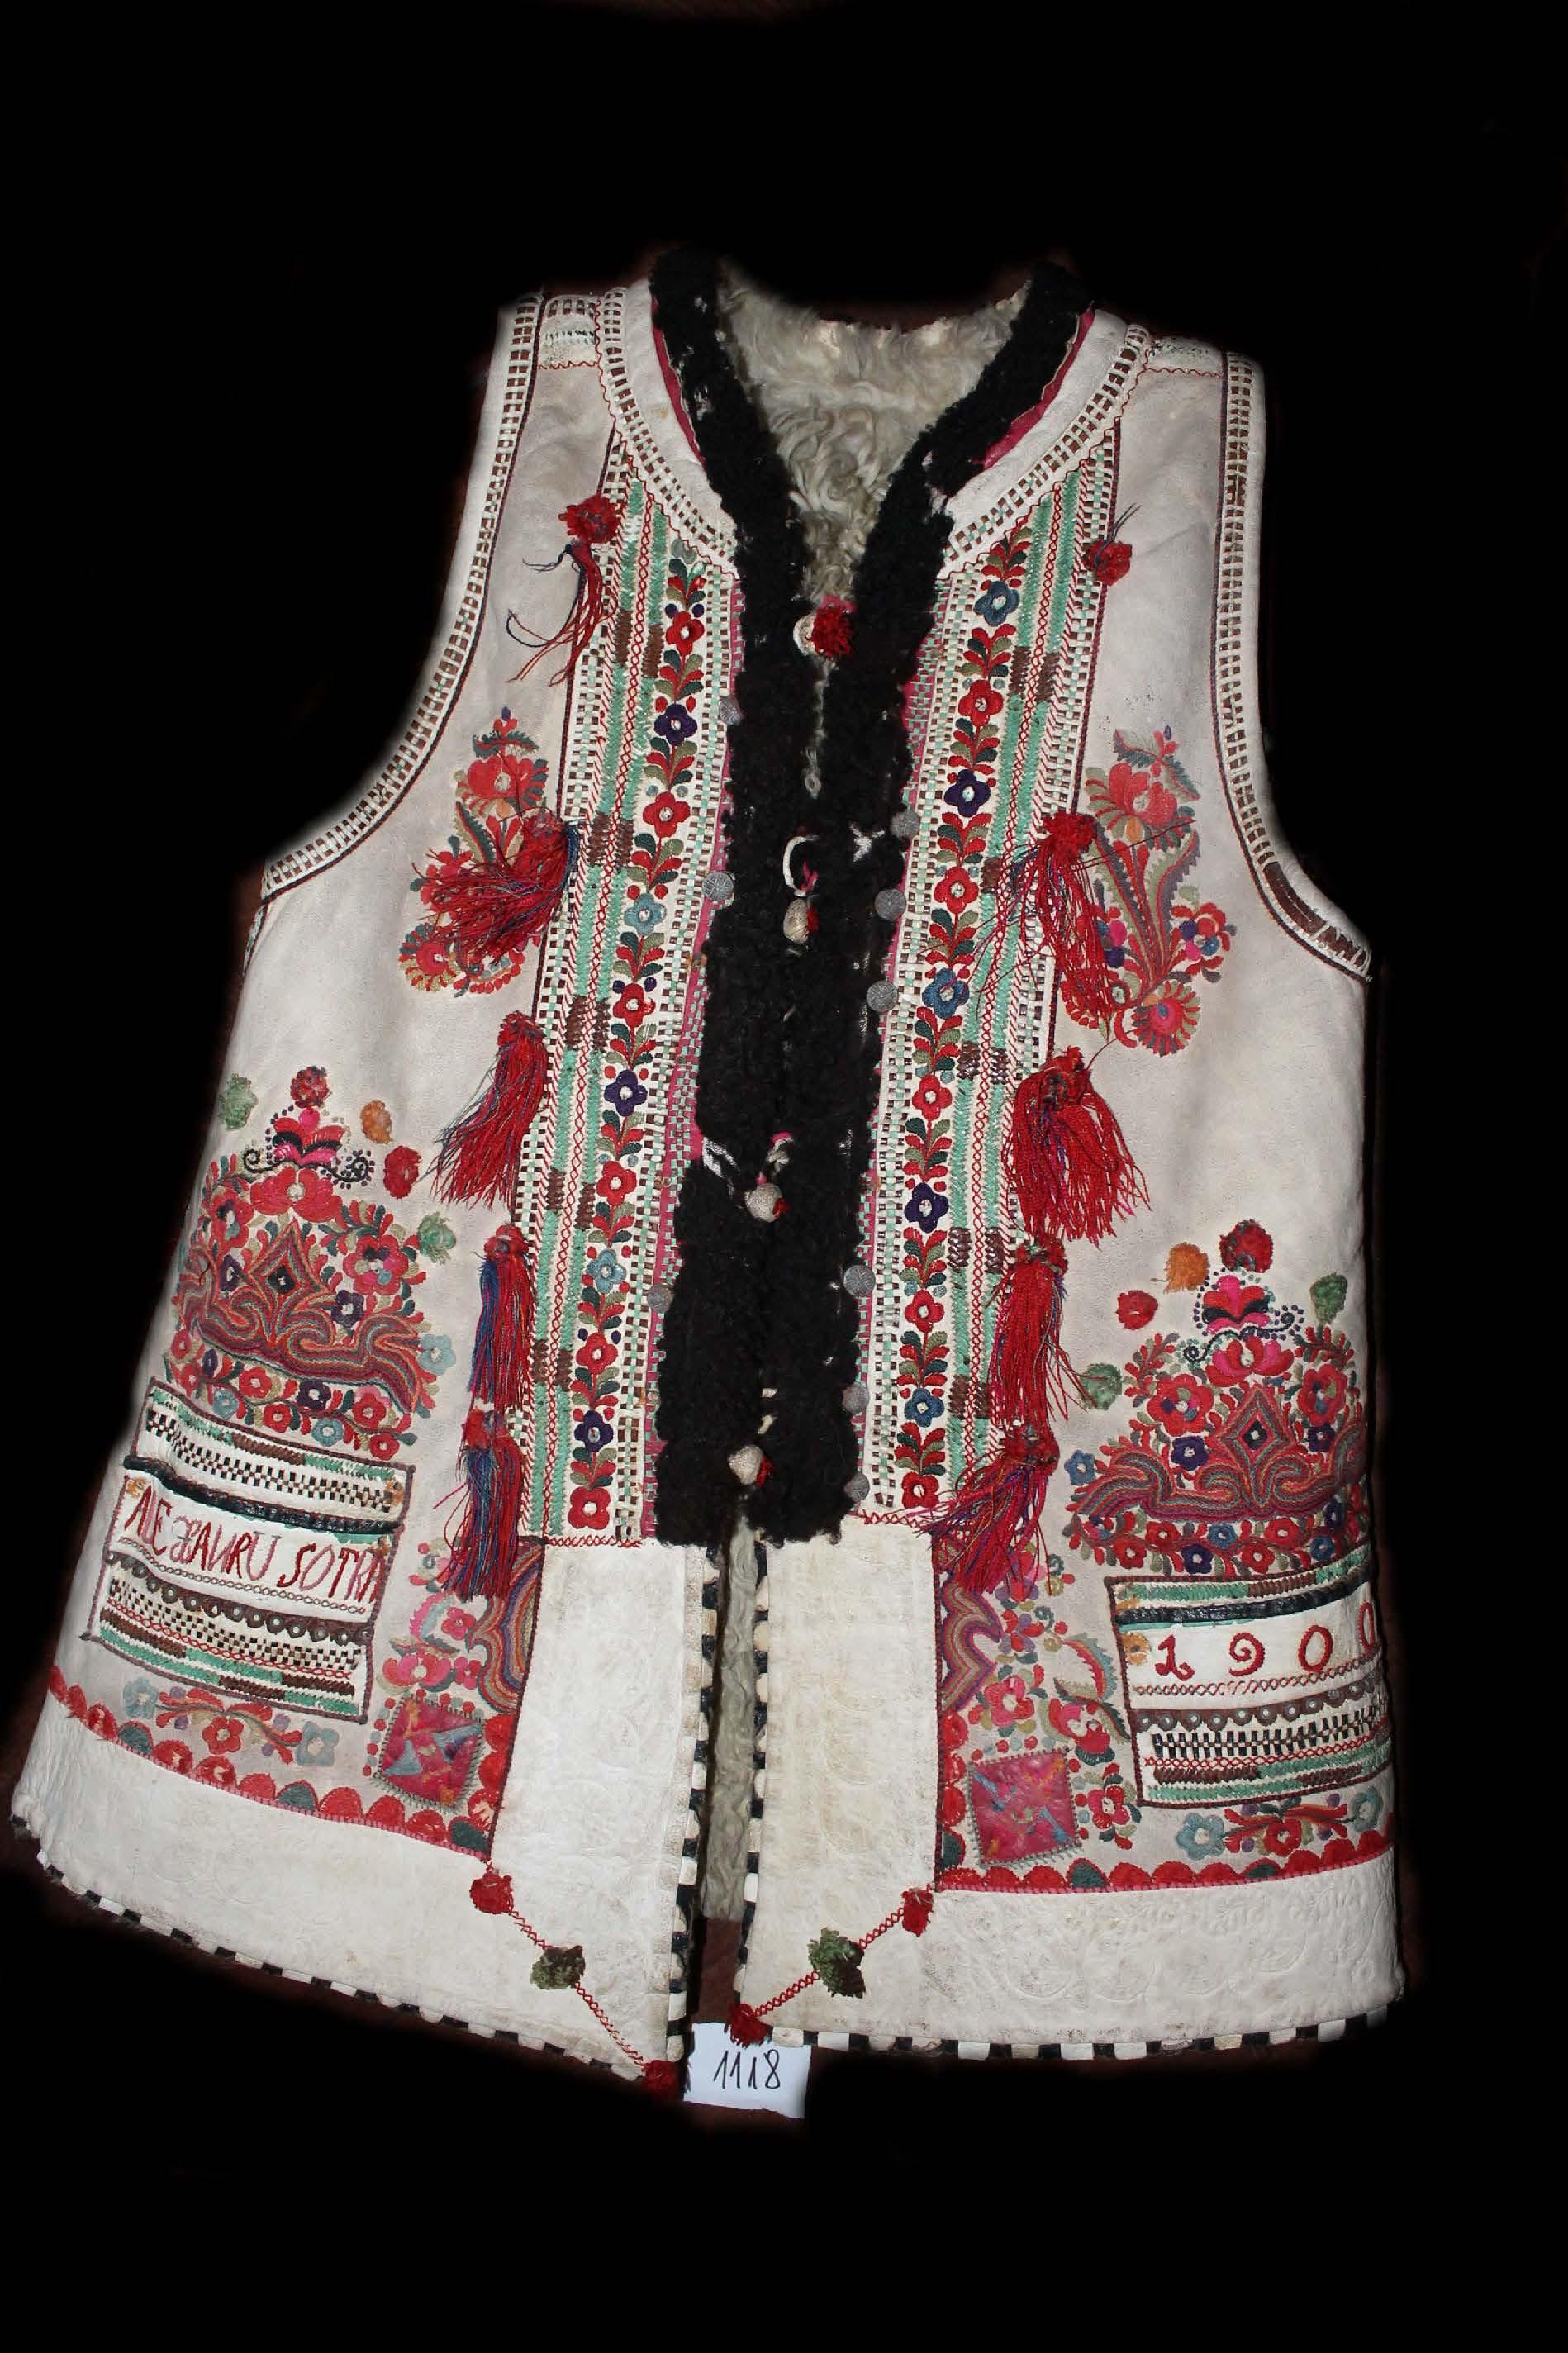 Pieptar bărbătesc; Pieptar - Complexul Muzeal Bistriţa-Năsăud - BISTRIŢA (Patrimoniul Cultural National Mobil din Romania. Ordin de clasare: 4009/12.12.2016 - Fond)